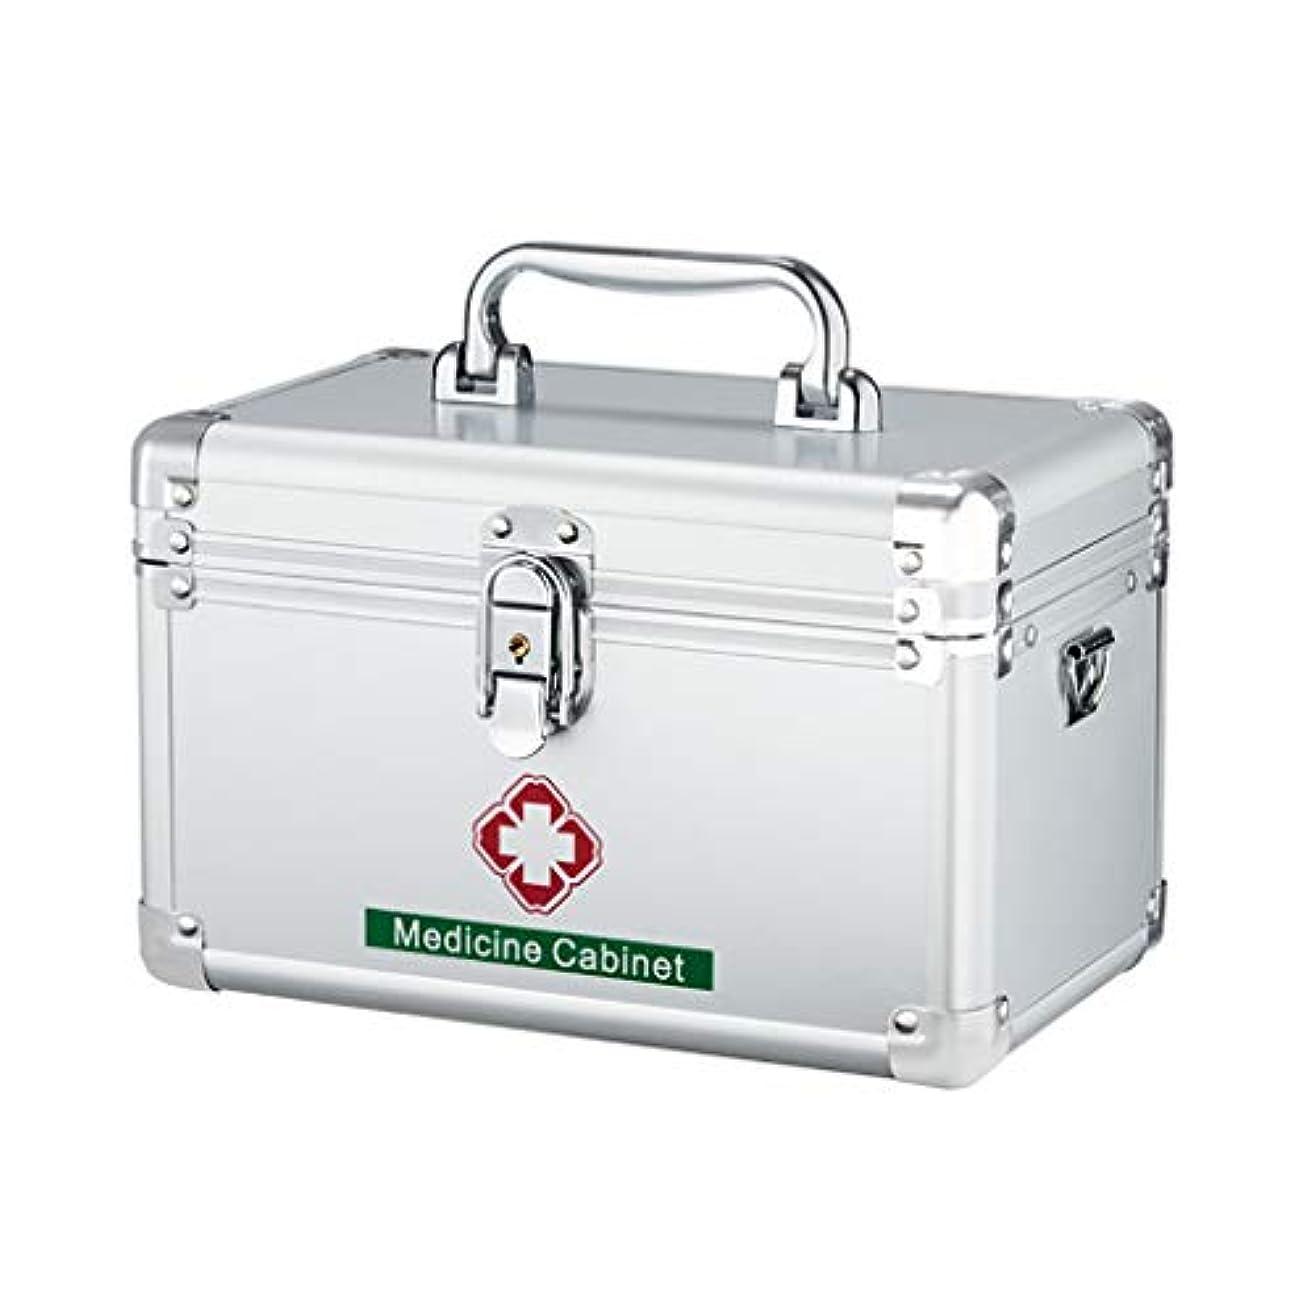 シュガー感度ファウルKKYY 救急箱ロック可能な救急箱車、家、旅行、キャンプ、オフィスまたはスポーツのための携帯用ハンドルが付いている安全ロックの薬の収納箱